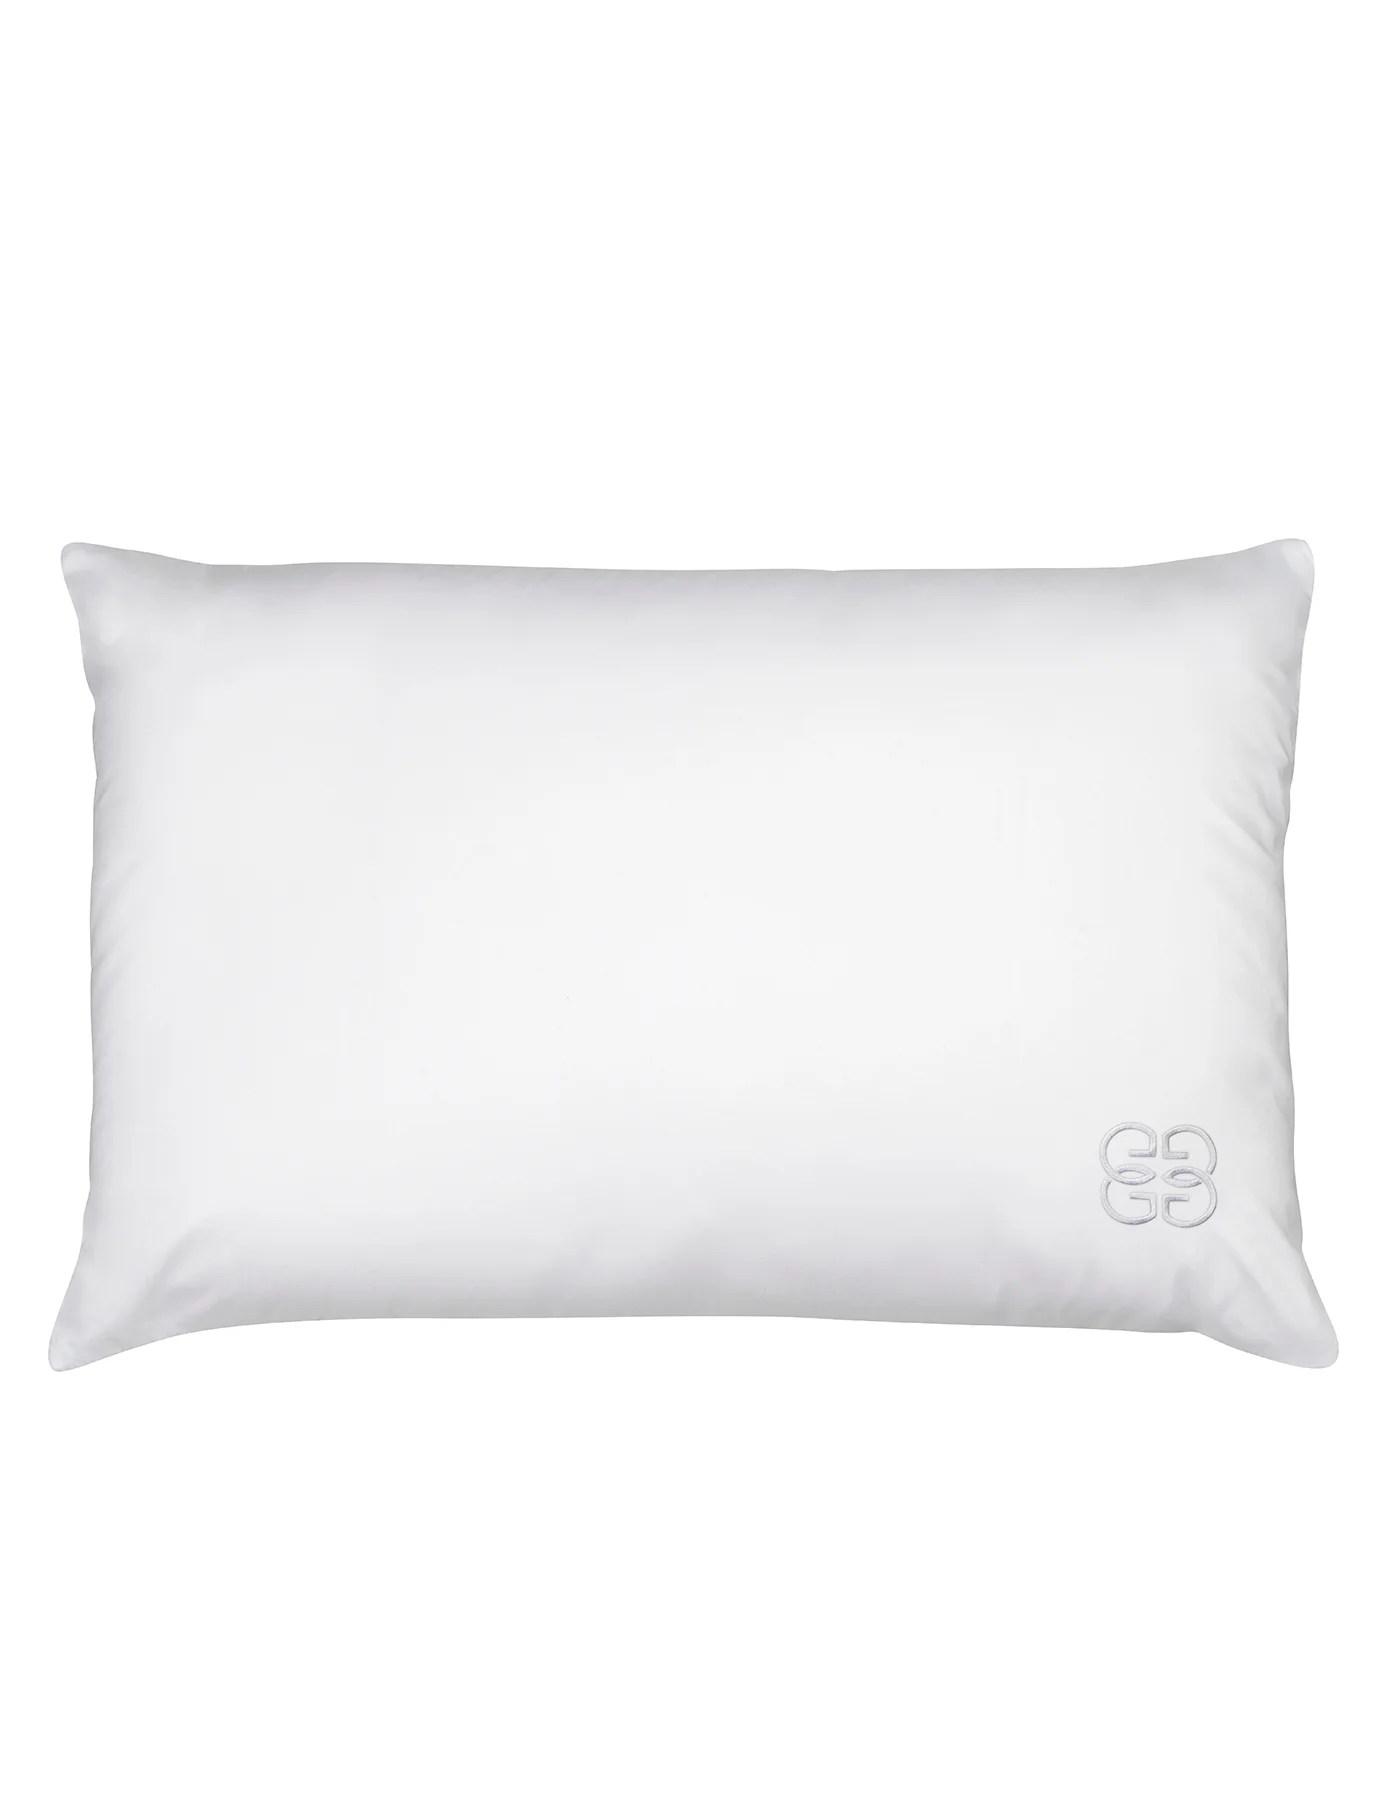 100 silk filled pillow